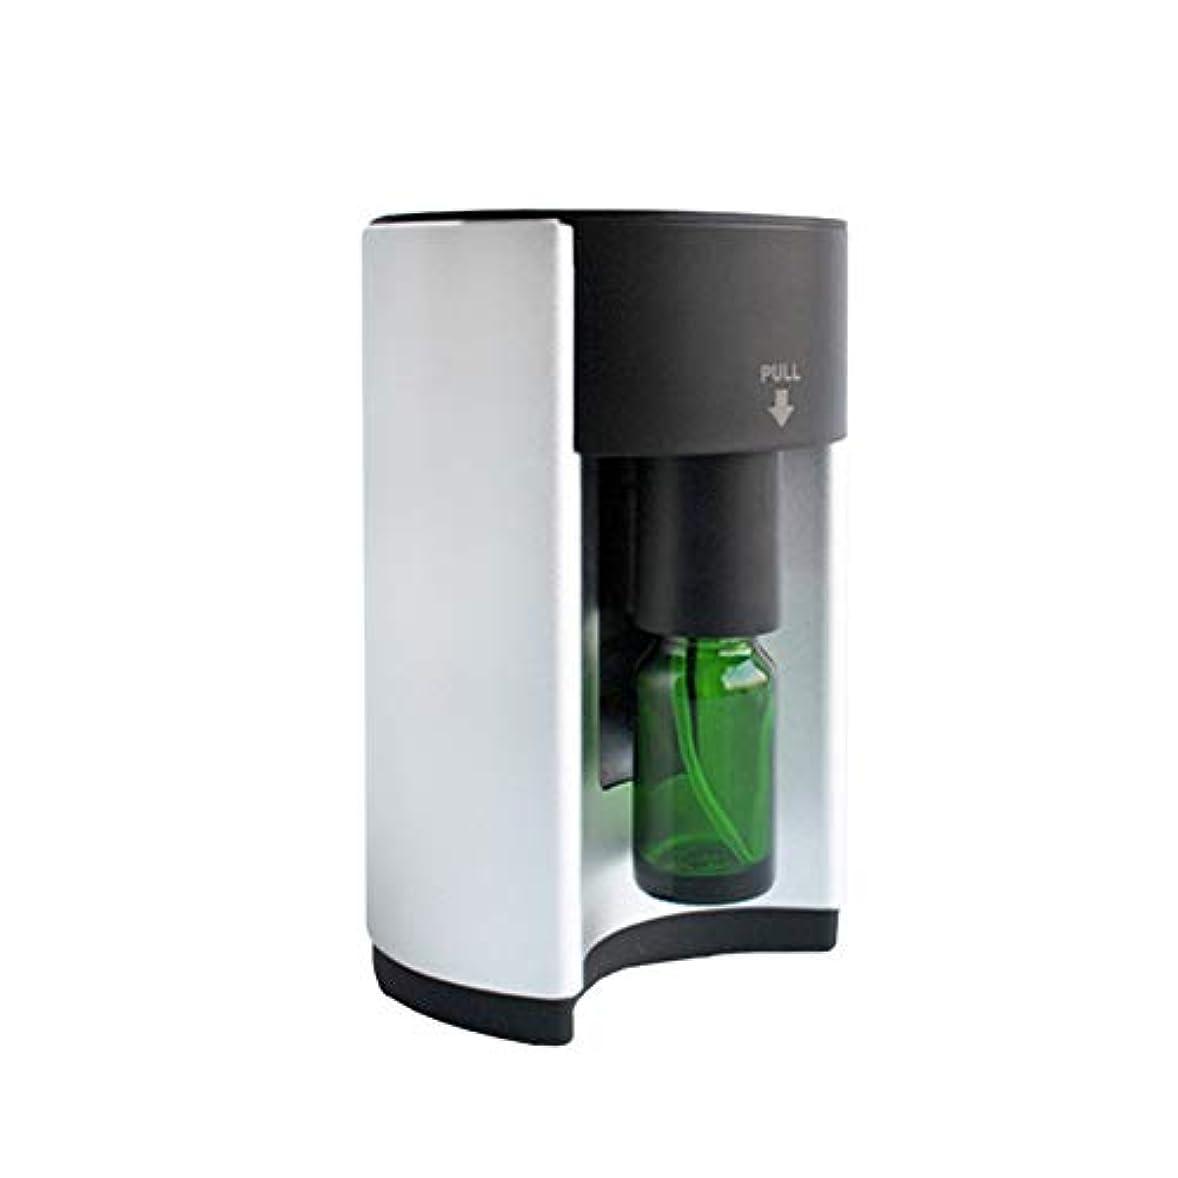 かんがい洞窟限定広範囲適用 アロマディフューザー ネブライザー式 シルバー アロマオイル アロマグラス 人気 タイマー機能 コンパクトタイプ エッセンシャルオイル 加湿 うるおい